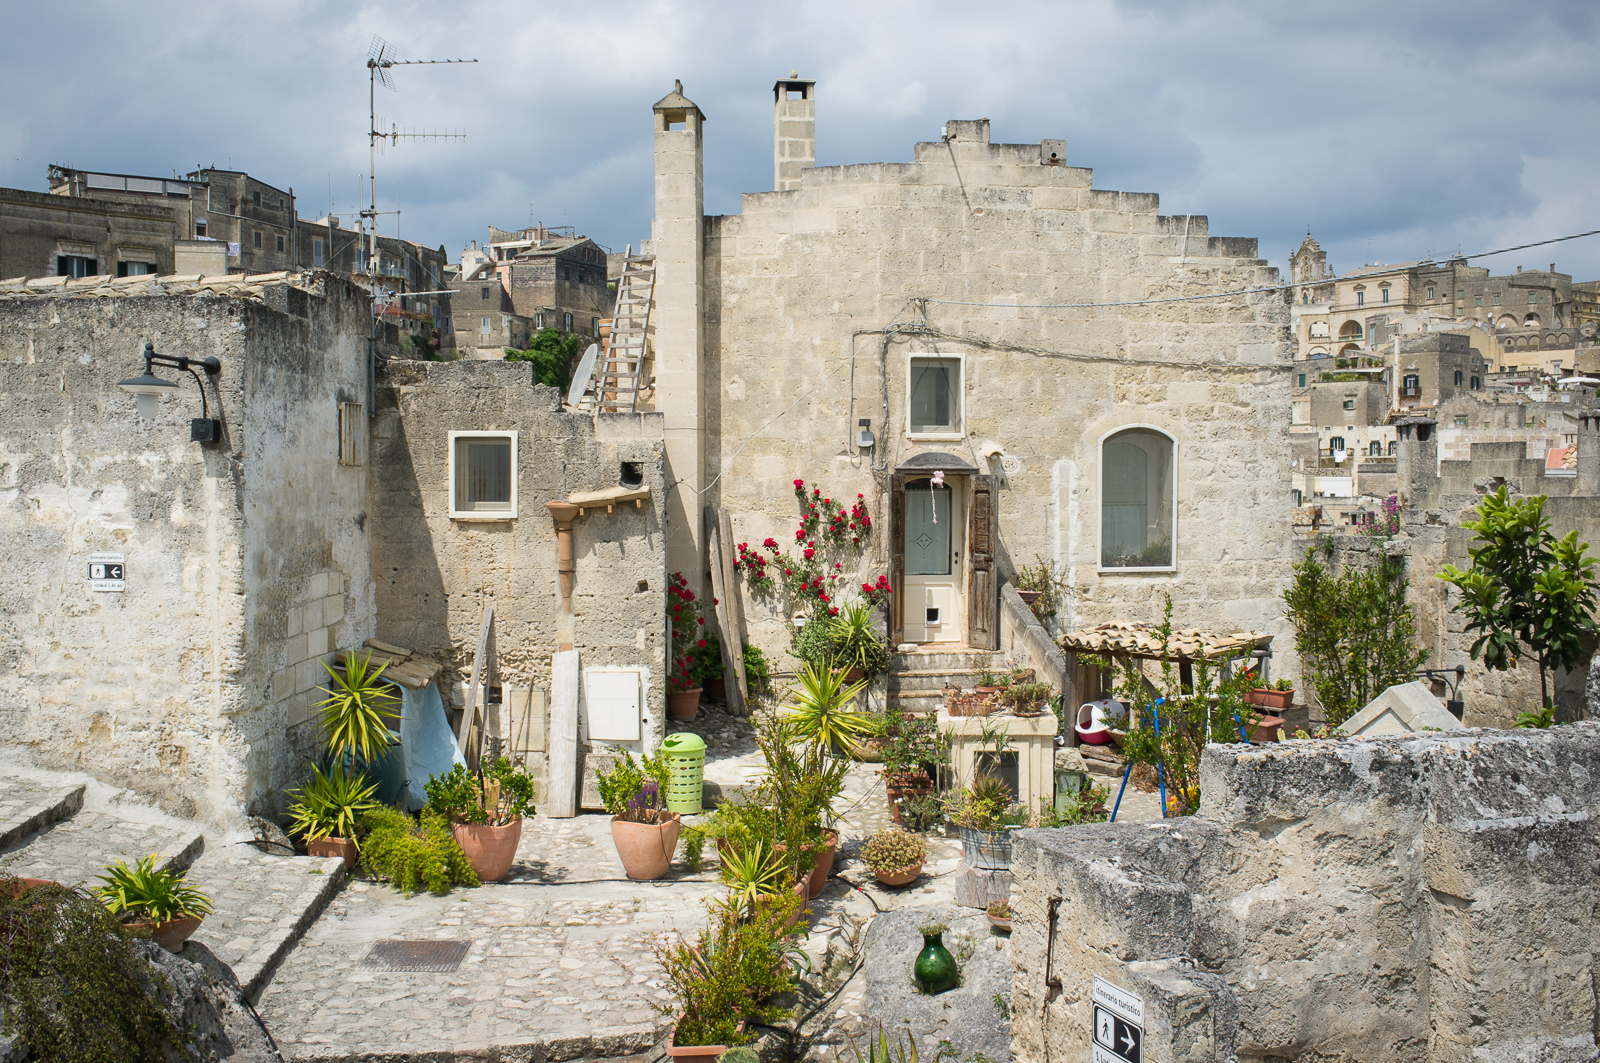 Private house in Sassi Caveoso (Matera)